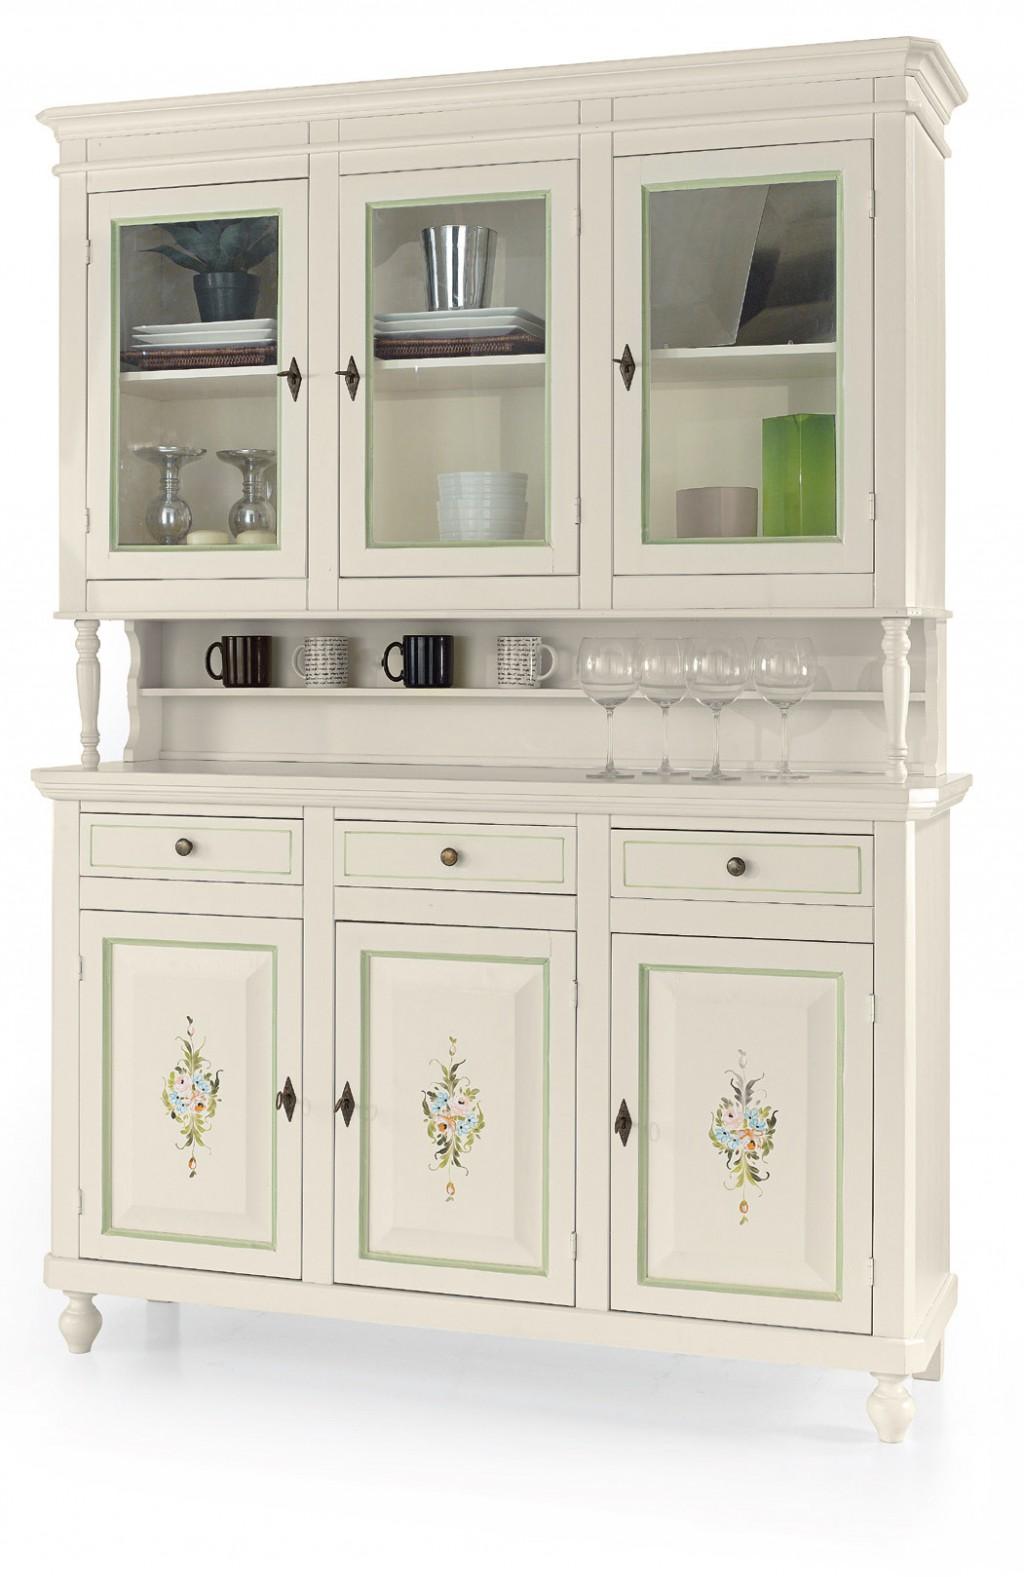 Cristalliera classica et492 et493 cucine mobili di qualit al giusto prezzo milano monza - Cucine qualita prezzo ...